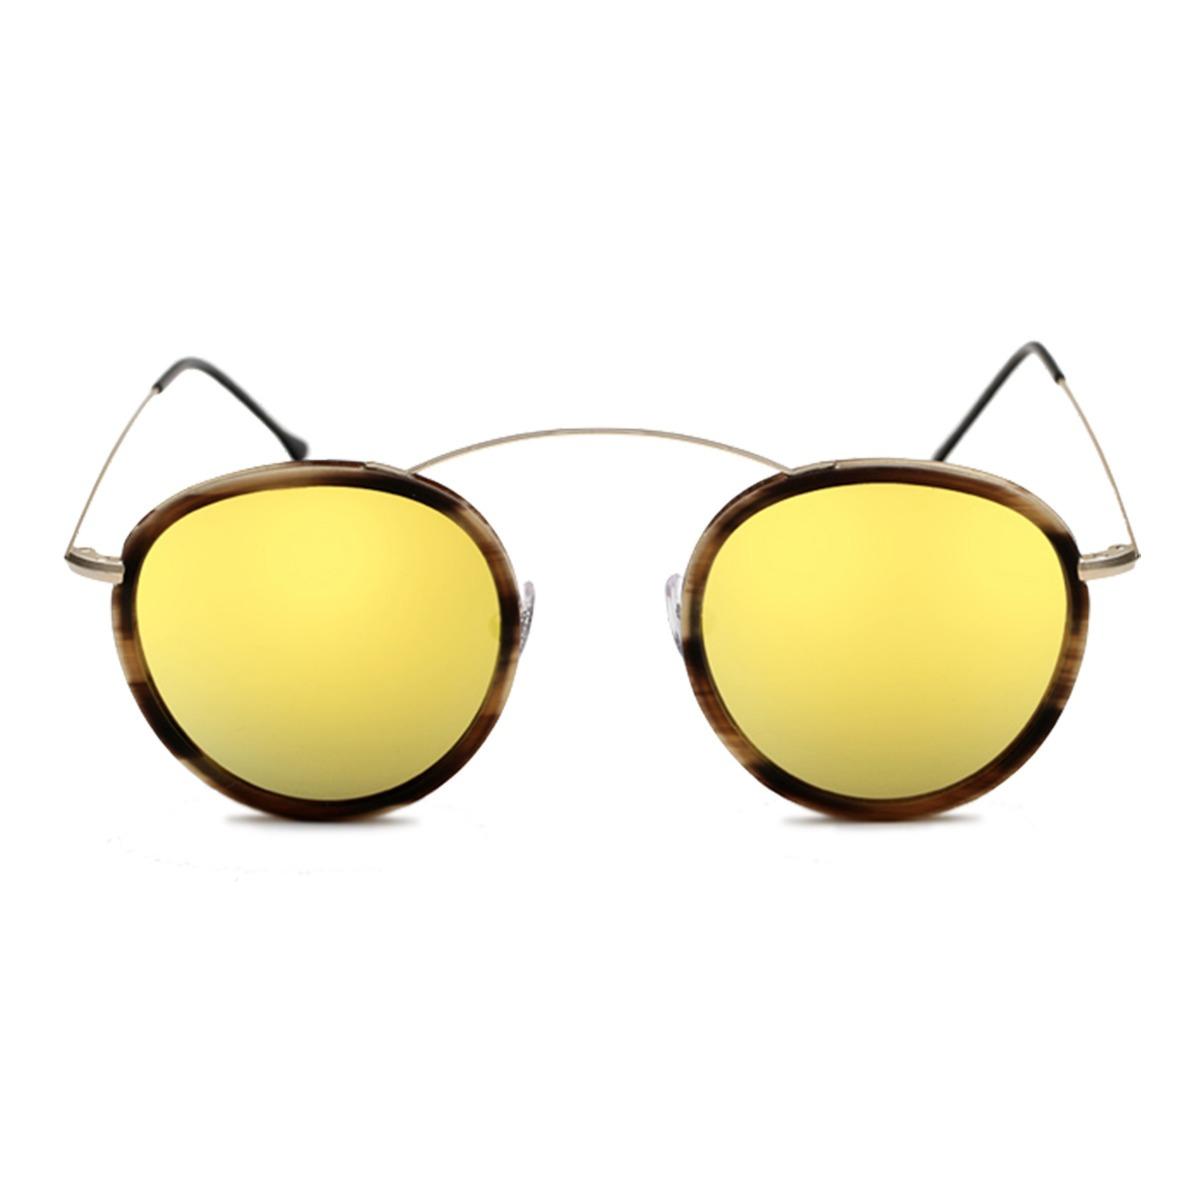 3facd7824d lentes de sol maluma spektre metro italiano moda unisex lujo. Cargando zoom.